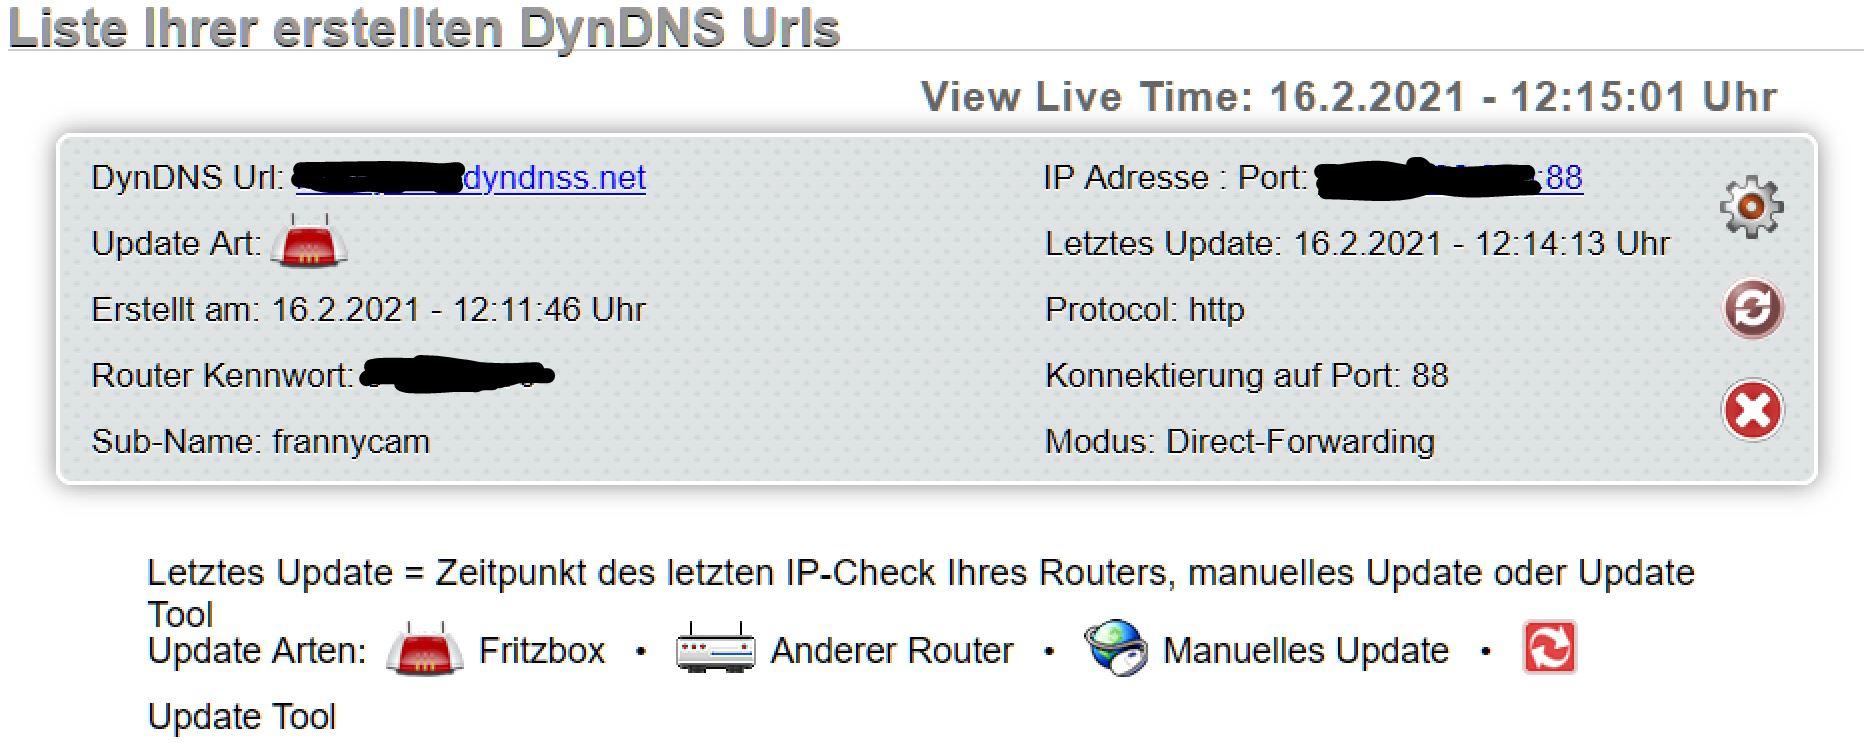 DynDNSS Liste der Urls.JPG